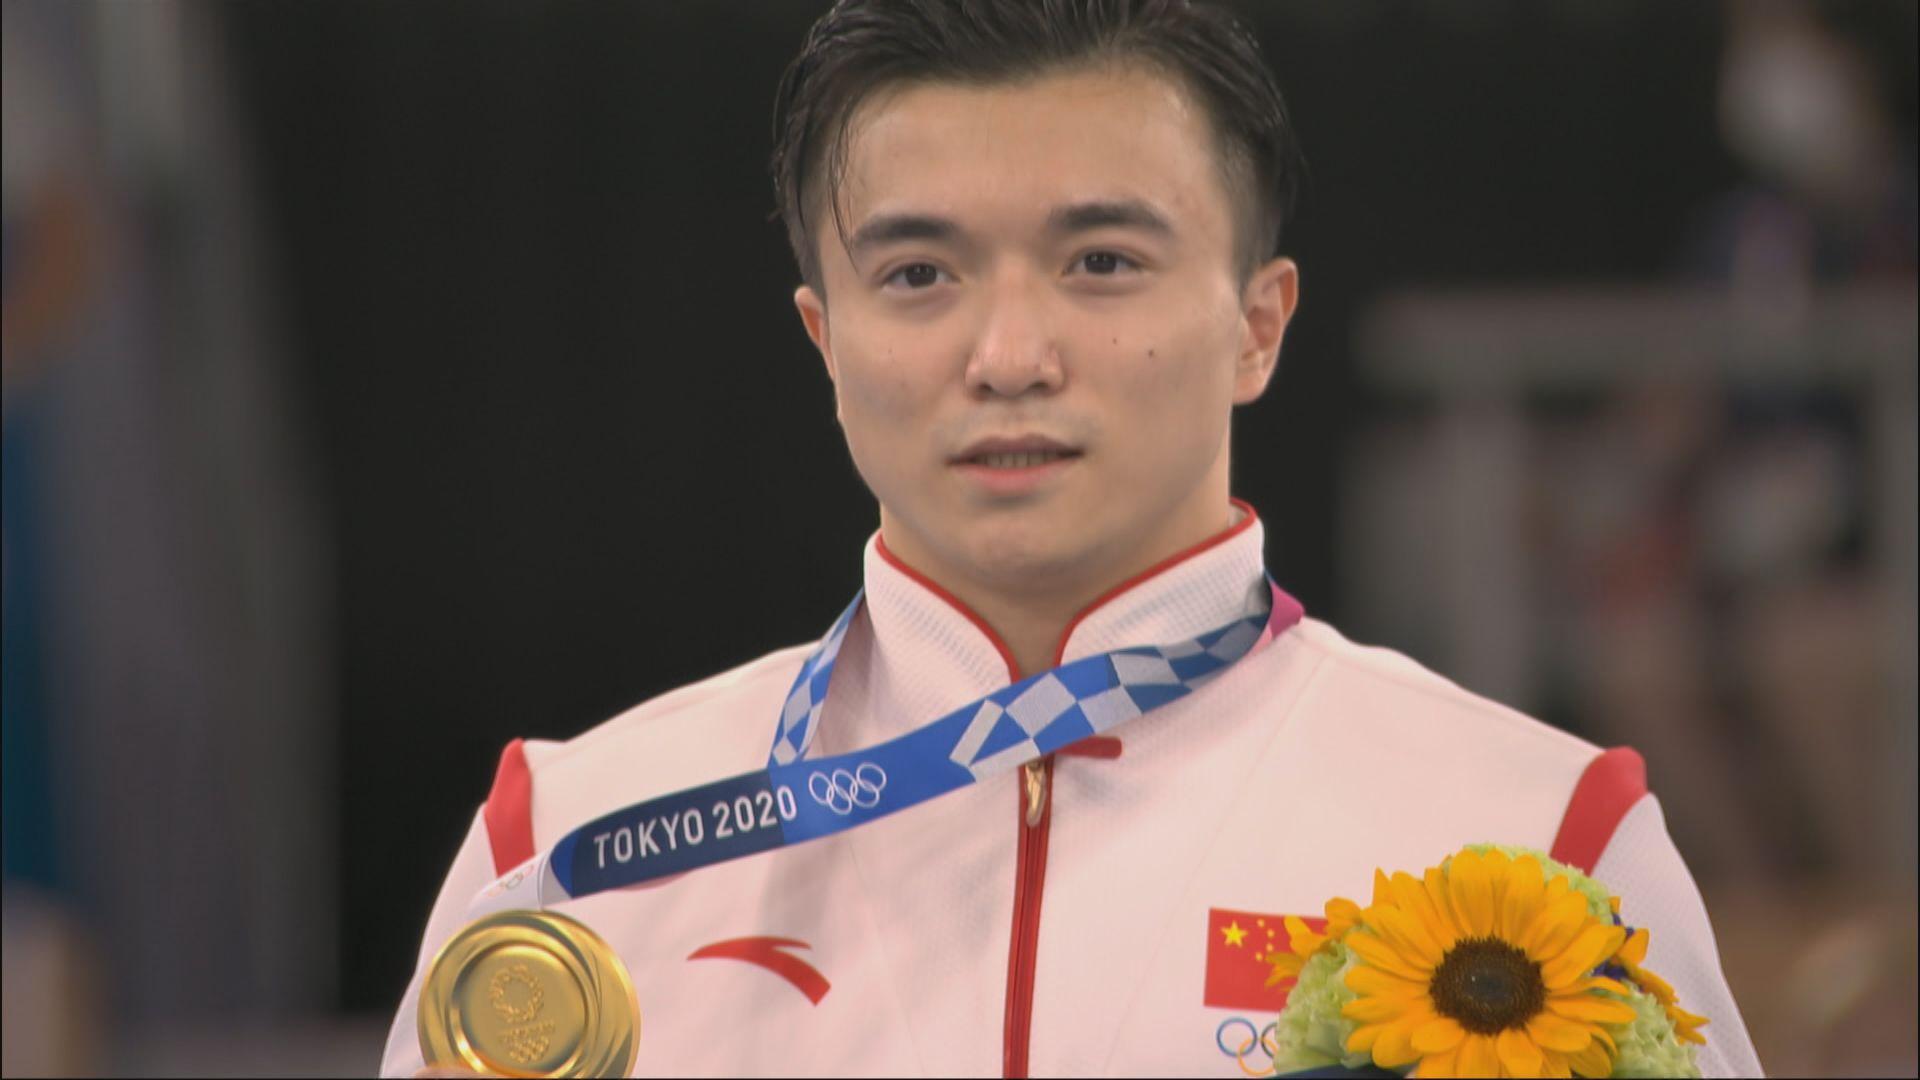 體操吊環國家隊包辦金銀牌 為國家隊今屆首面體操金牌